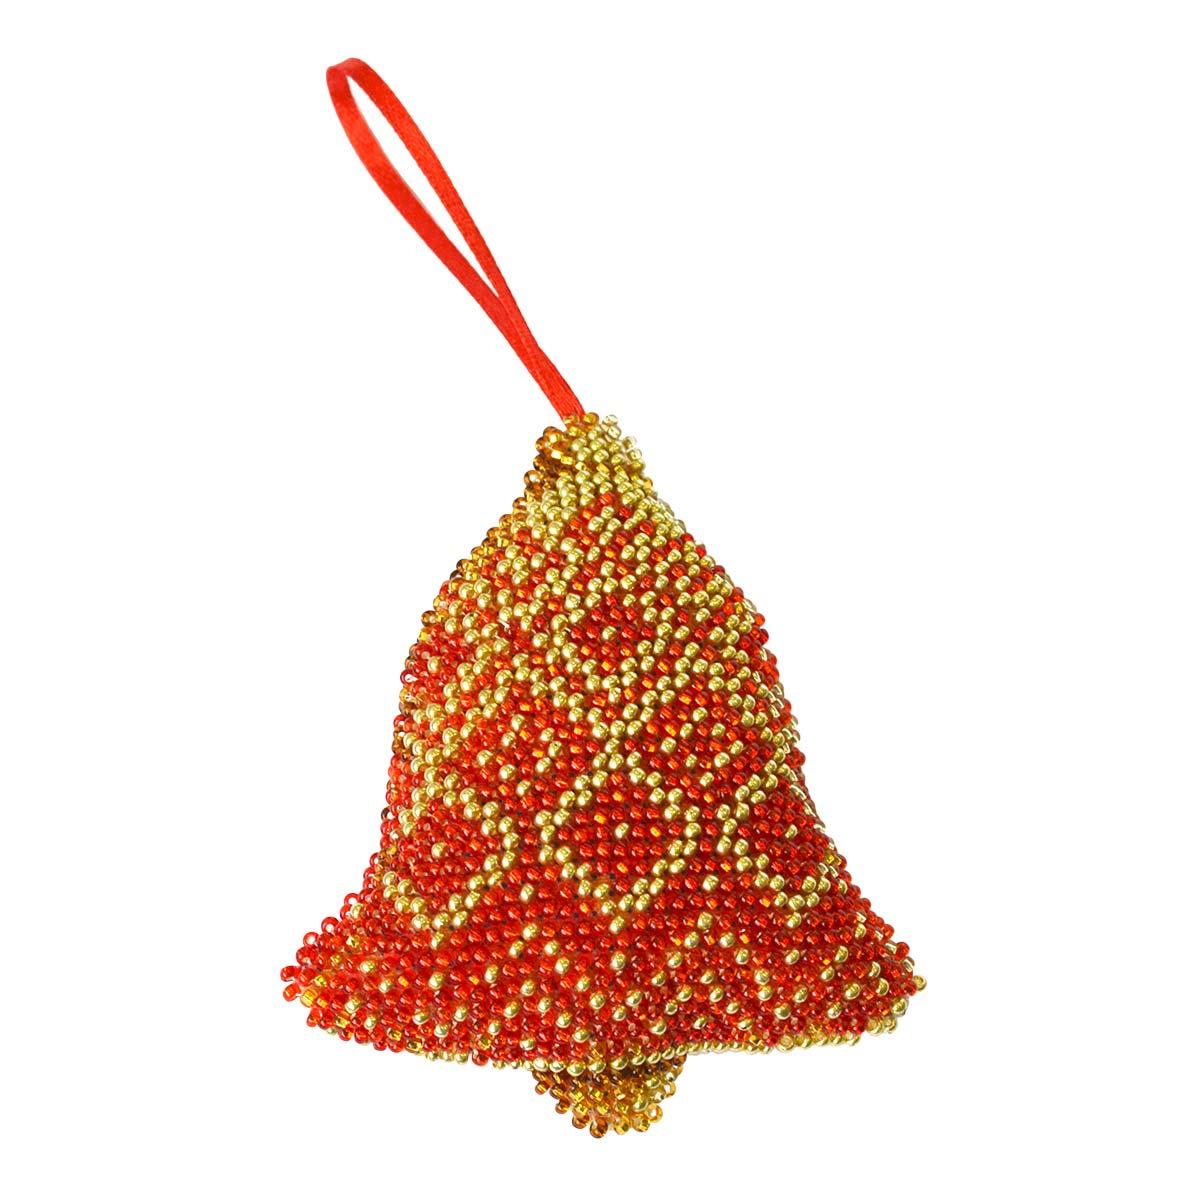 БИ-104 Набор для вышивания бисером'Созвездие'. Новогодняя игрушка 'Красный колокольчик' 8,5*8,5см